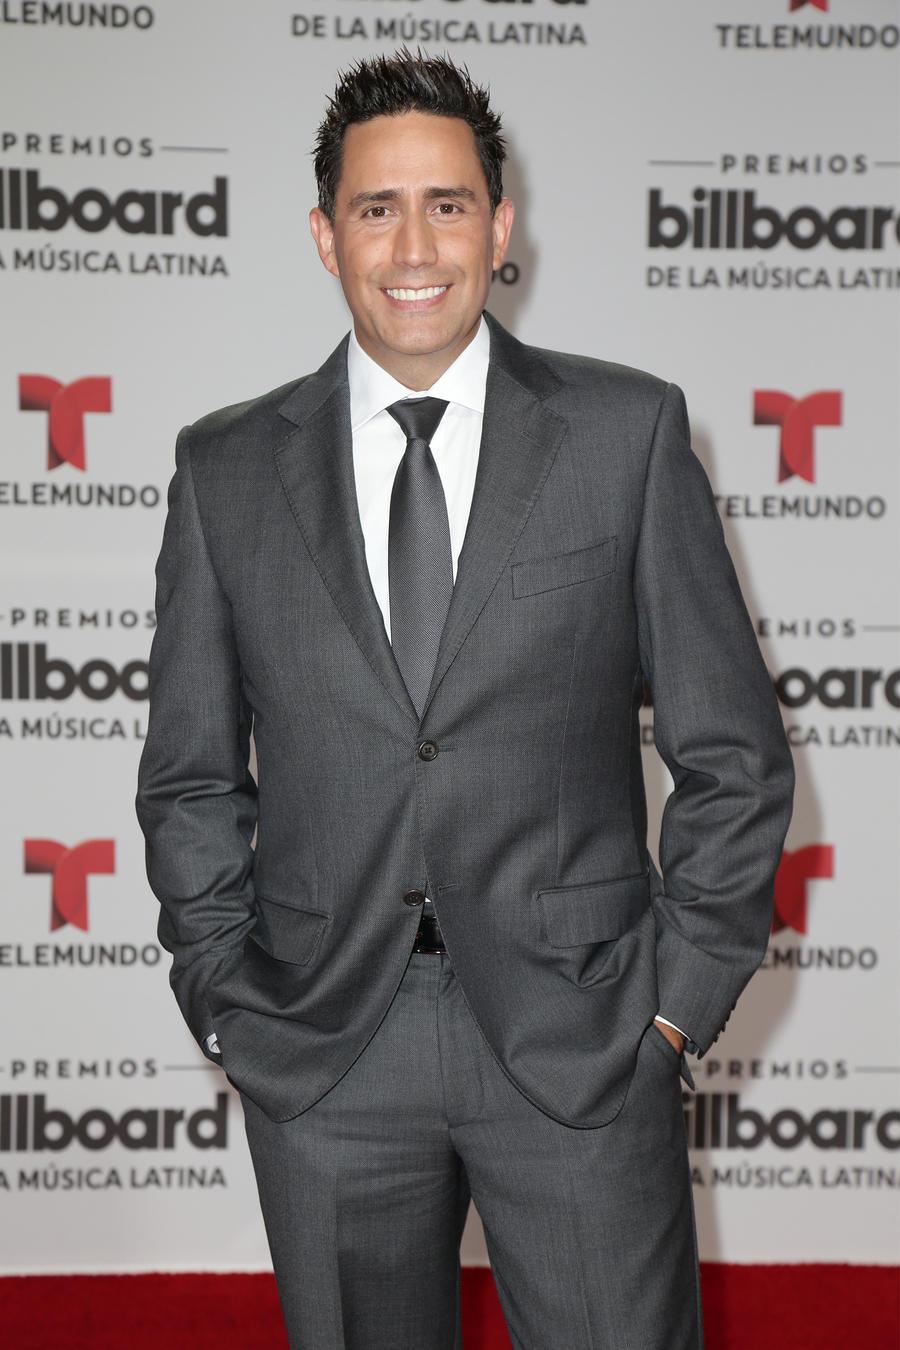 Camilo Montoya en la alfombra roja de los Premios Billboard 2016